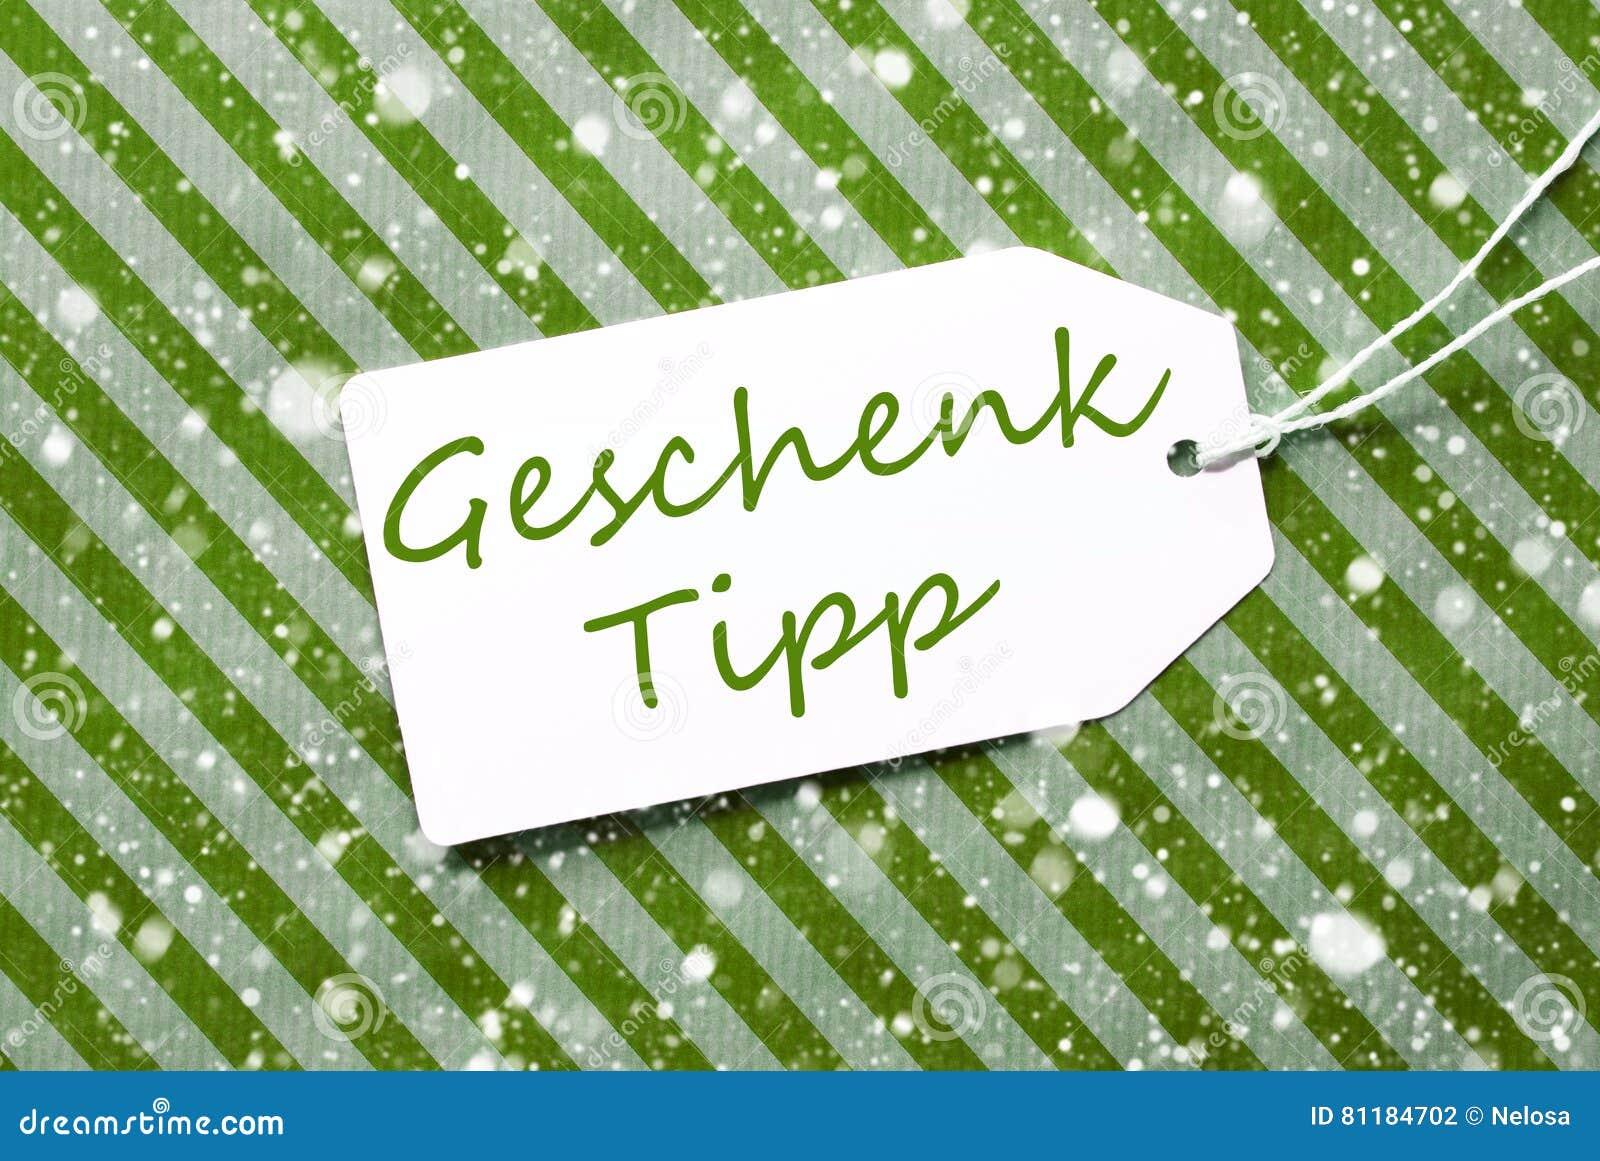 L etichetta, carta da imballaggio verde, Geschenk Tipp significa la punta del regalo, fiocchi di neve